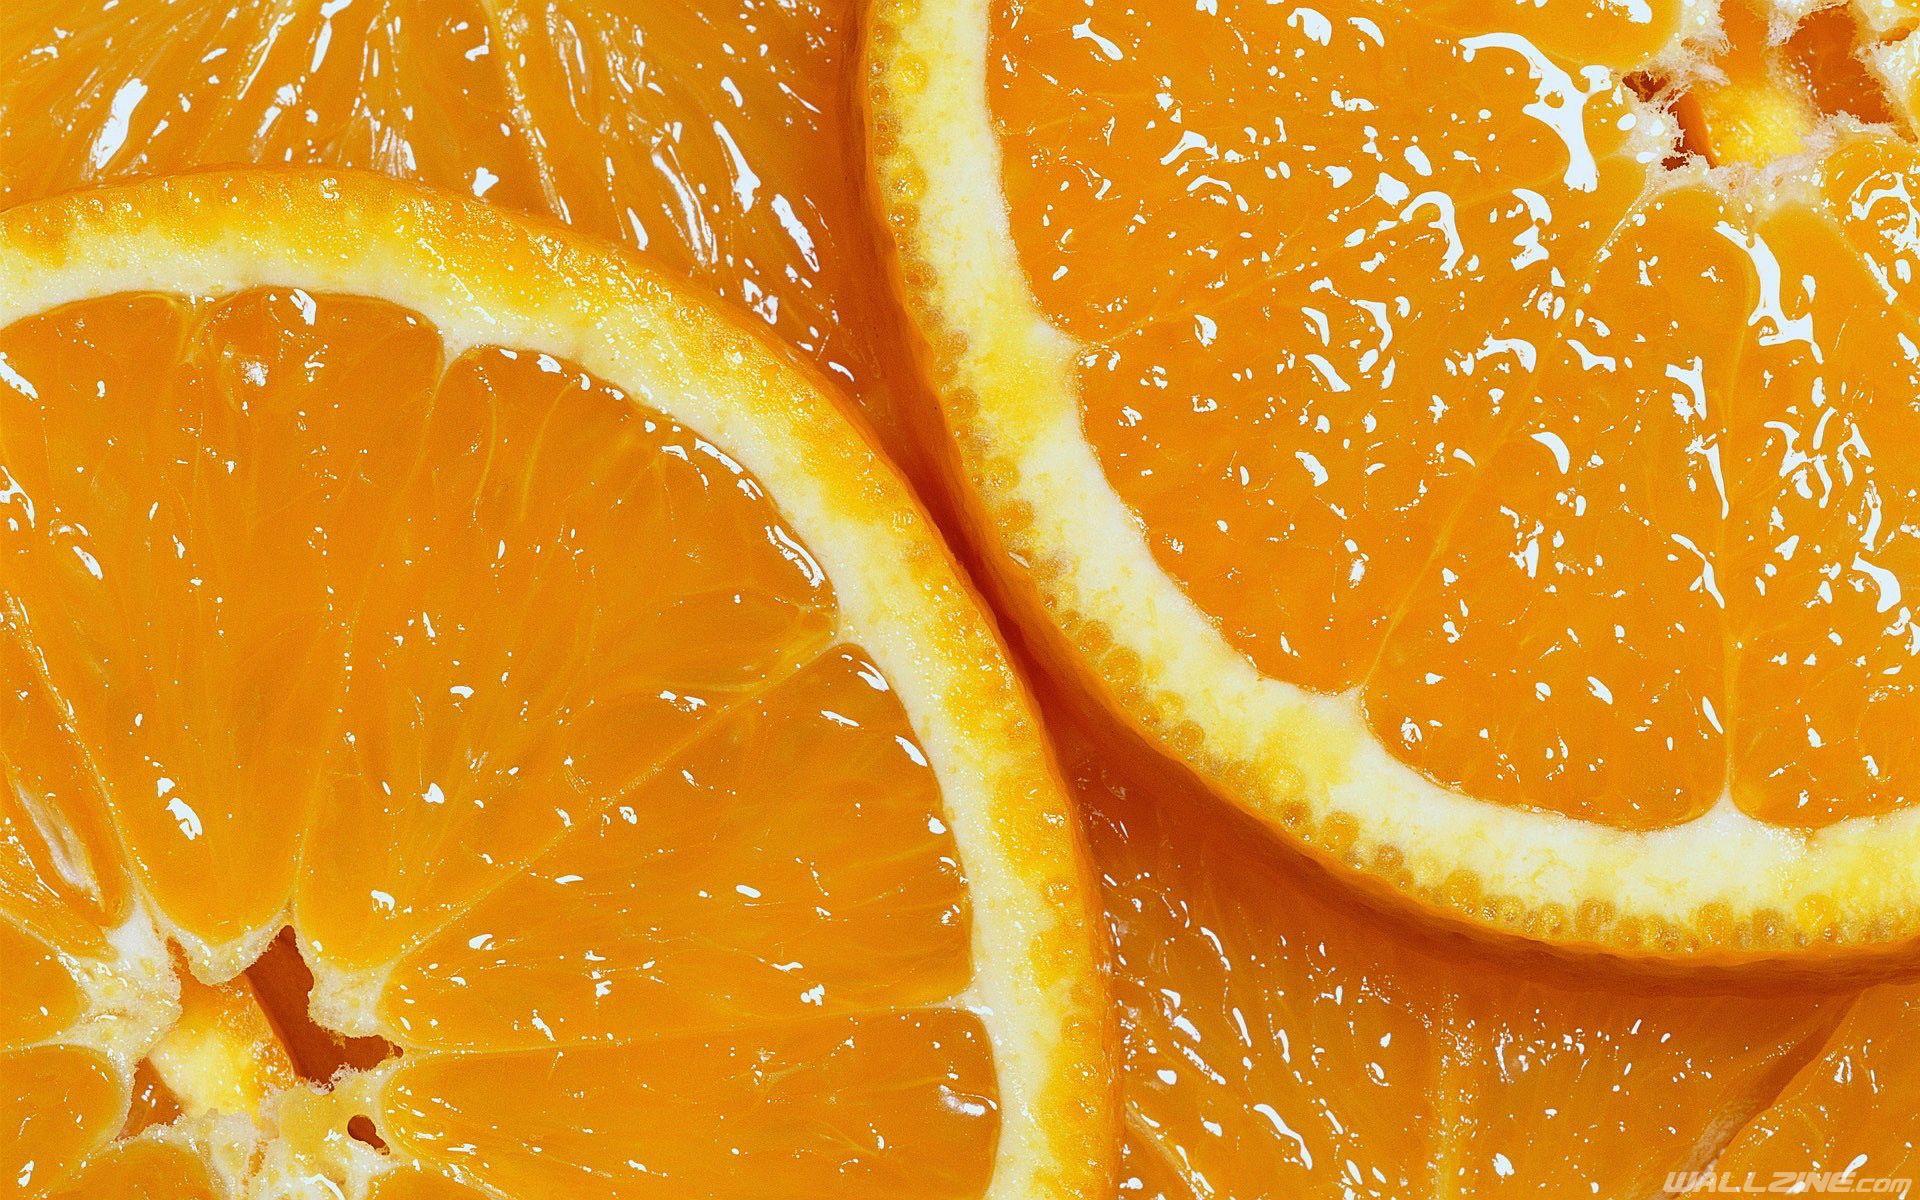 Juicy Orange Slices Wallpaper | HD Desktop Wallpapers | Pinterest ...